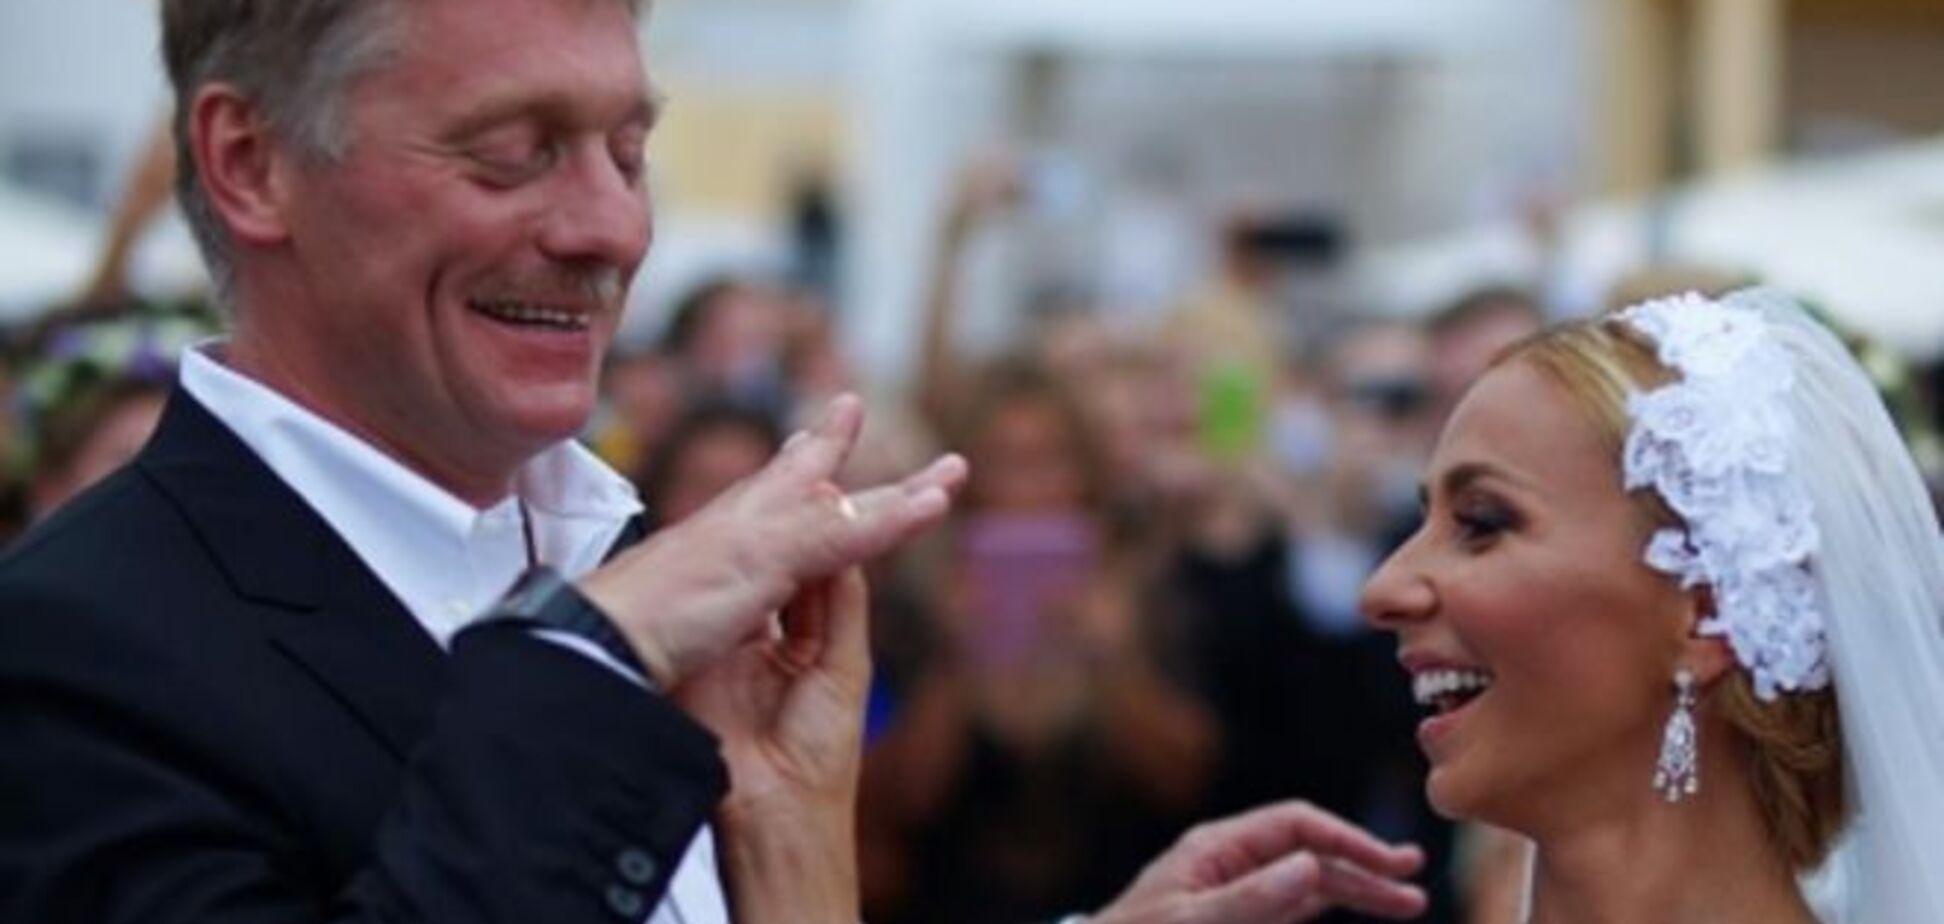 VIP-свадьбы лета: пресс-секретарь Путина поразил размахом, а Горбаль скромностью